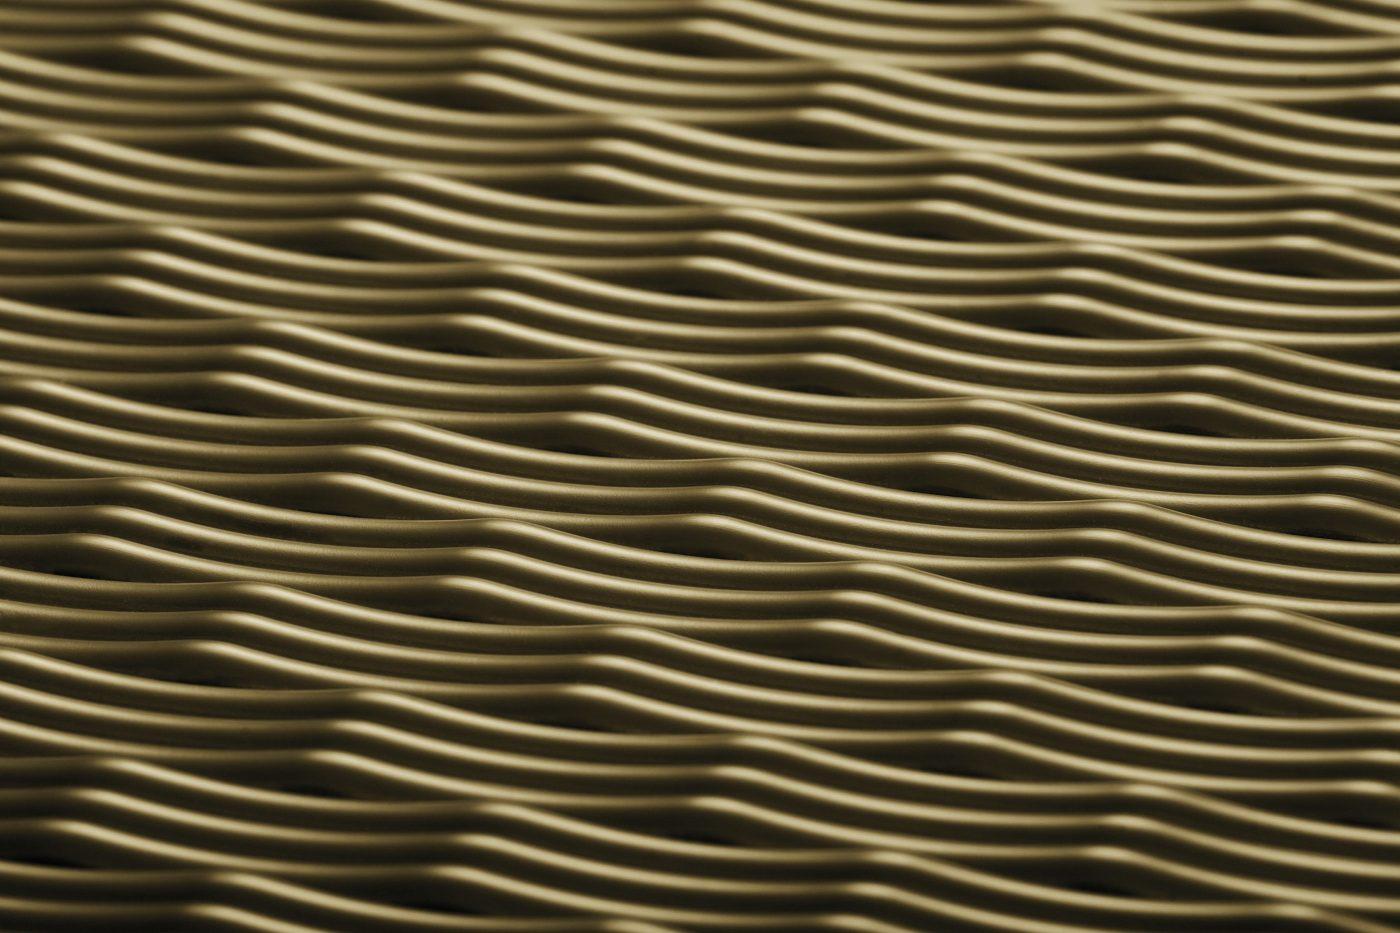 EMEDEC exhibe en MADERALIA materiales revolucionarios y soluciones vanguardistas